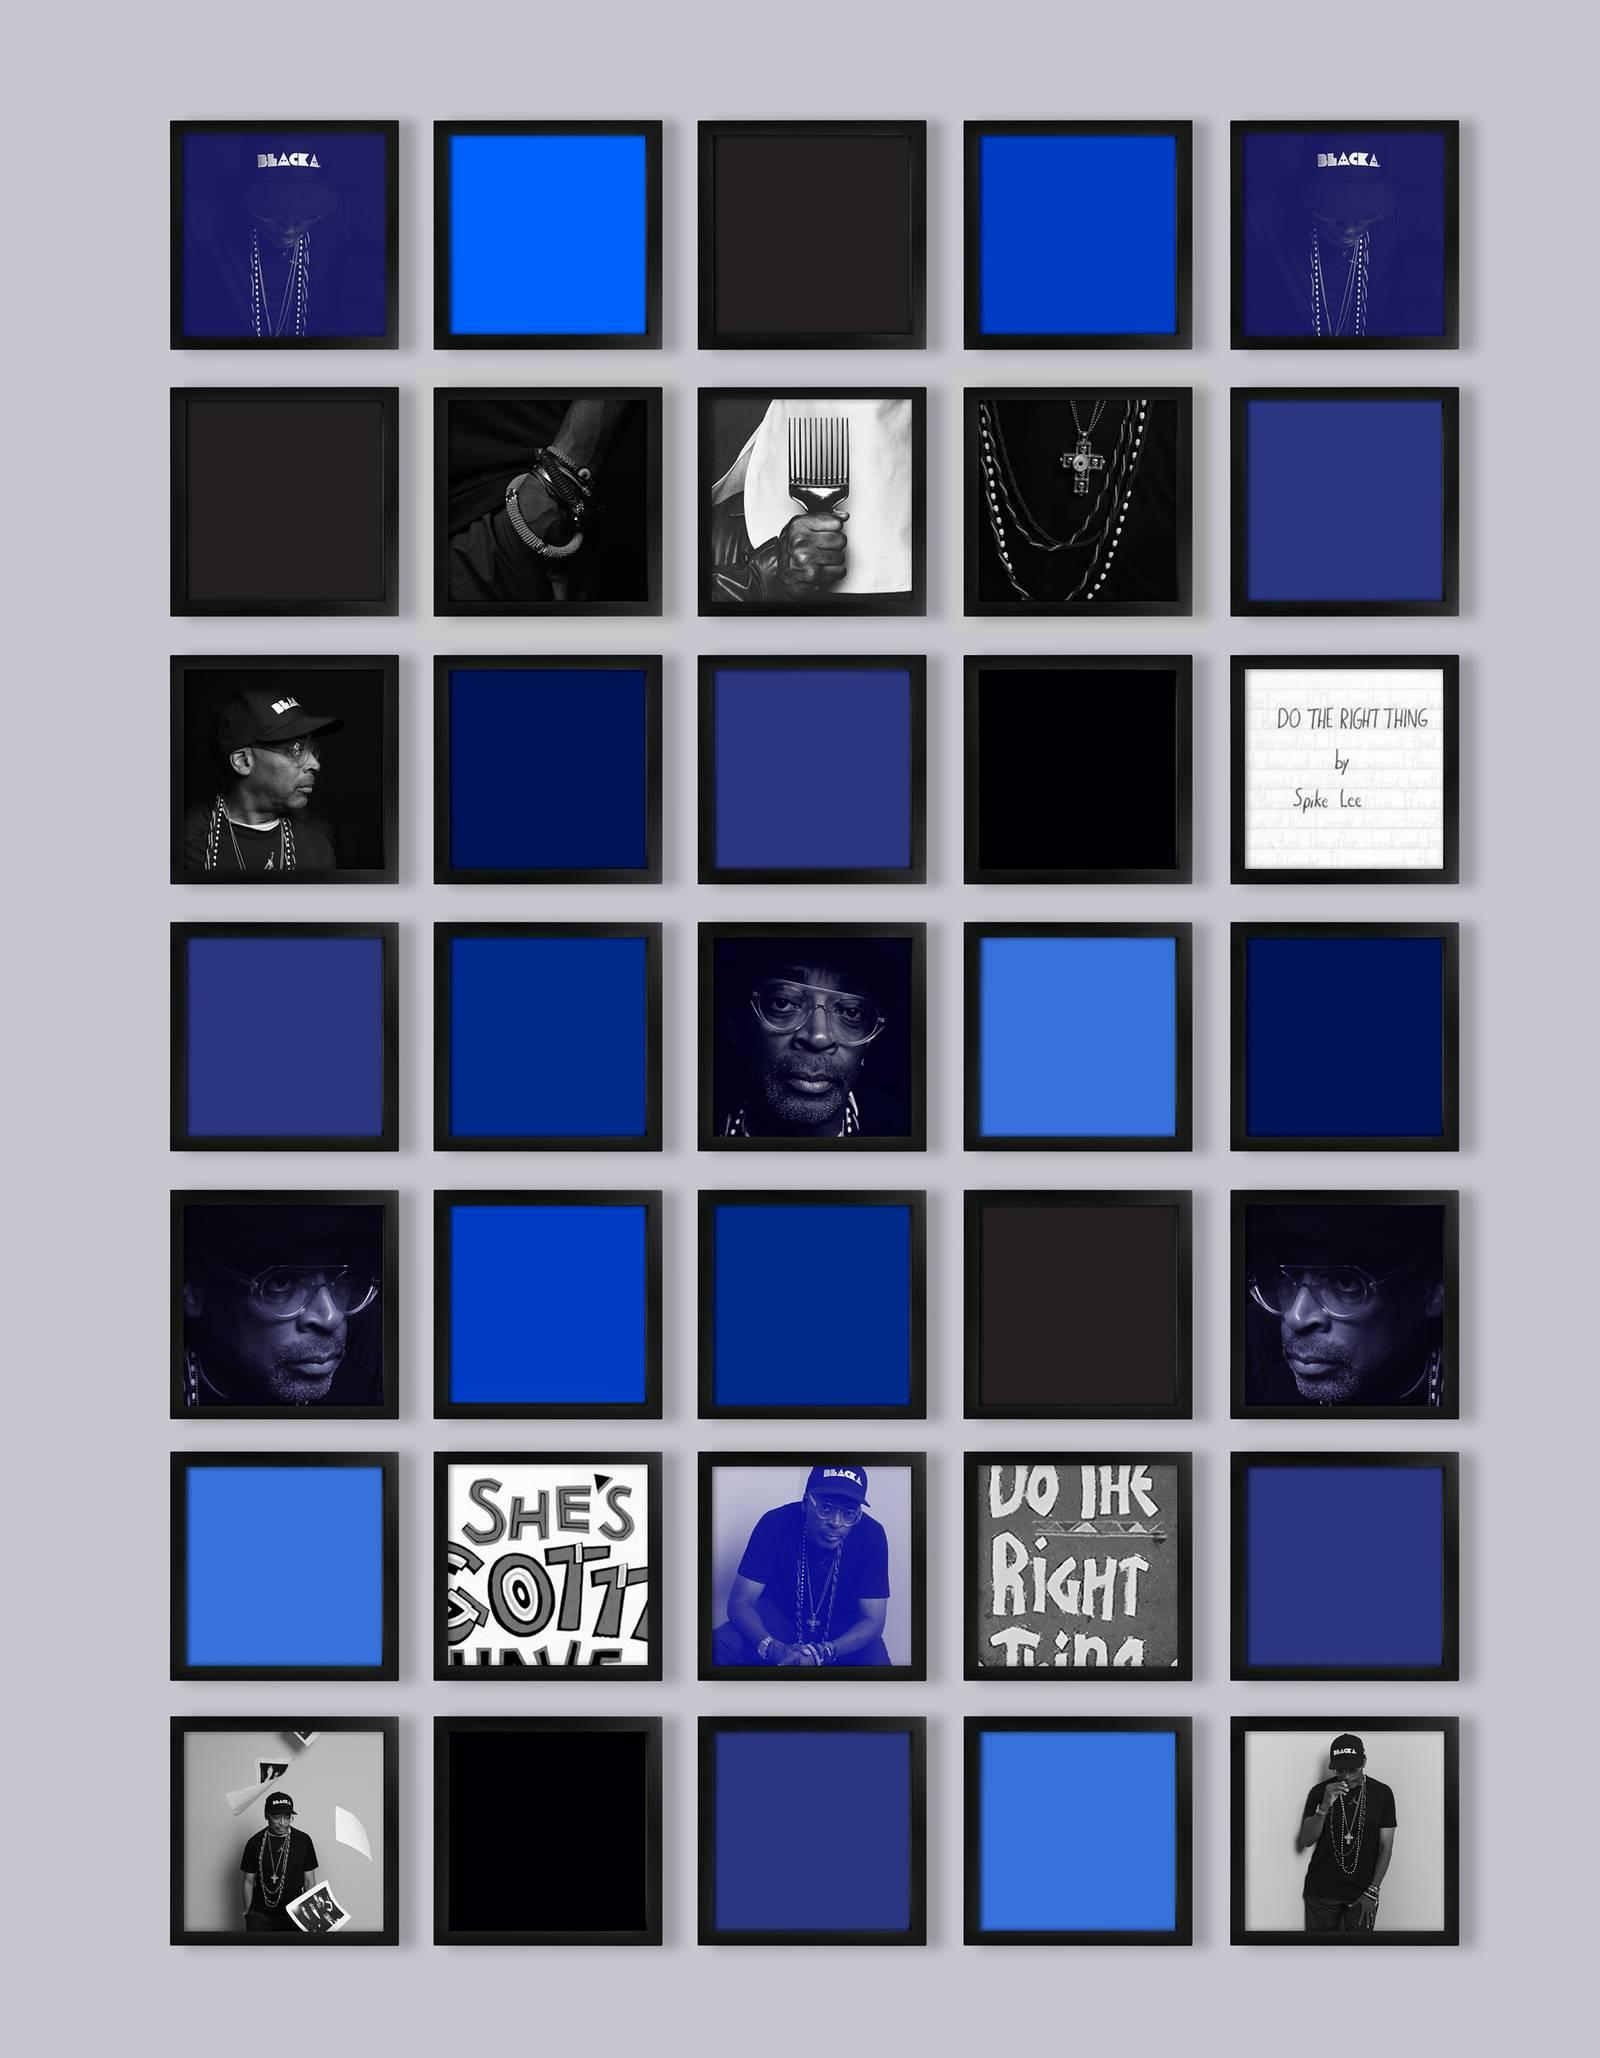 ویمز برای جشن 30 سالگی کار حرفهای لی بهعنوان فیلمساز یک طرح گرافیکی ایجاد کرد؛ با شروع به نشر فیلمهای میخواهد به دستش بیاورد (1986)، گیجی مدرسه (1988) و کار درست را انجام بده (1989). او همیشه مسائل نژادی و هویت را در فرهنگ موردتوجه قرار داده است. لی میگوید: «یکی از انتقادهای دائمی برای کار درست را انجام بده این بود که اسپایک پاسخهایی را برای نژادپرستی ارائه نمیدهد»